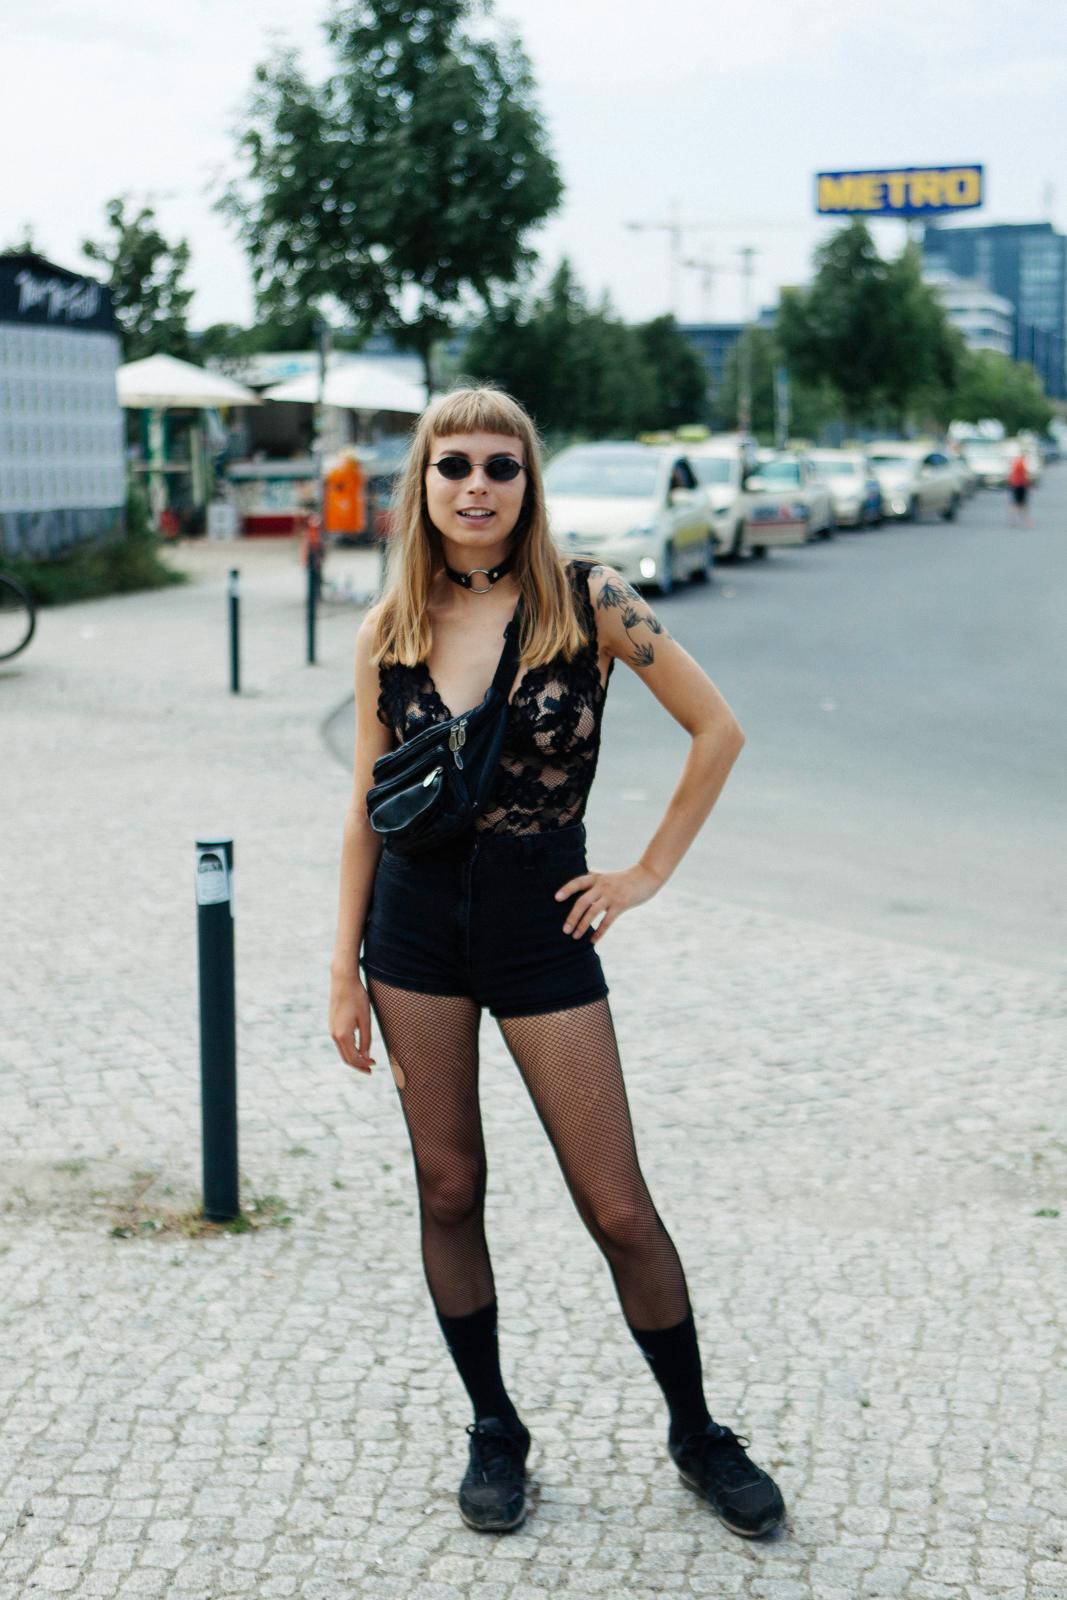 berlin nightlife dress code